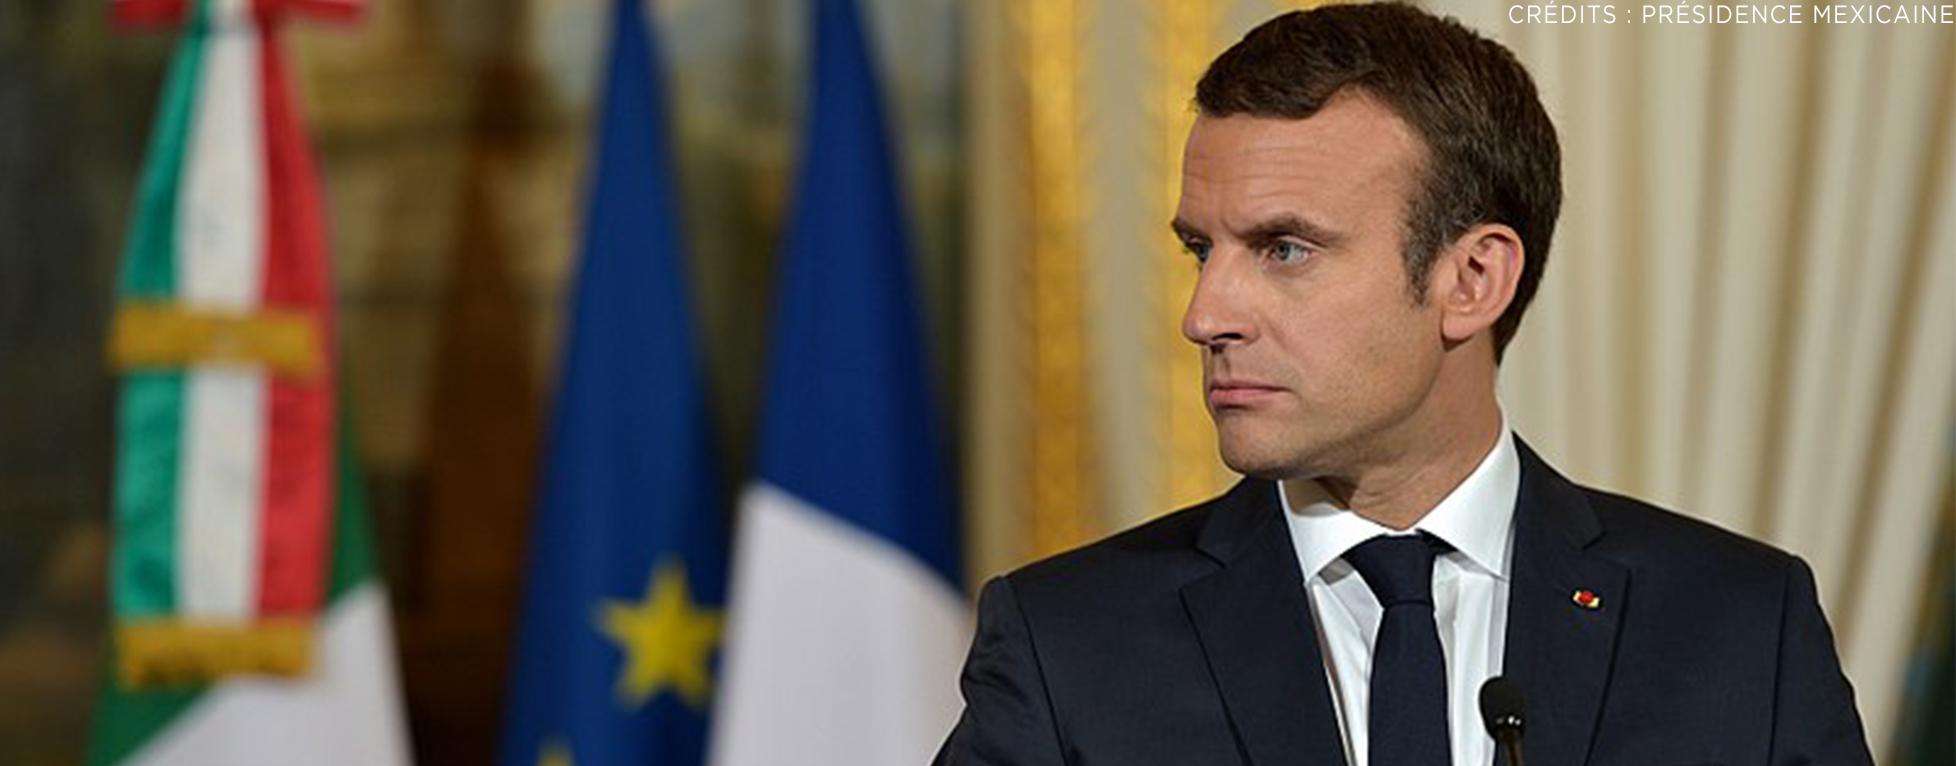 La popularité d'Emmanuel Macron en légère hausse